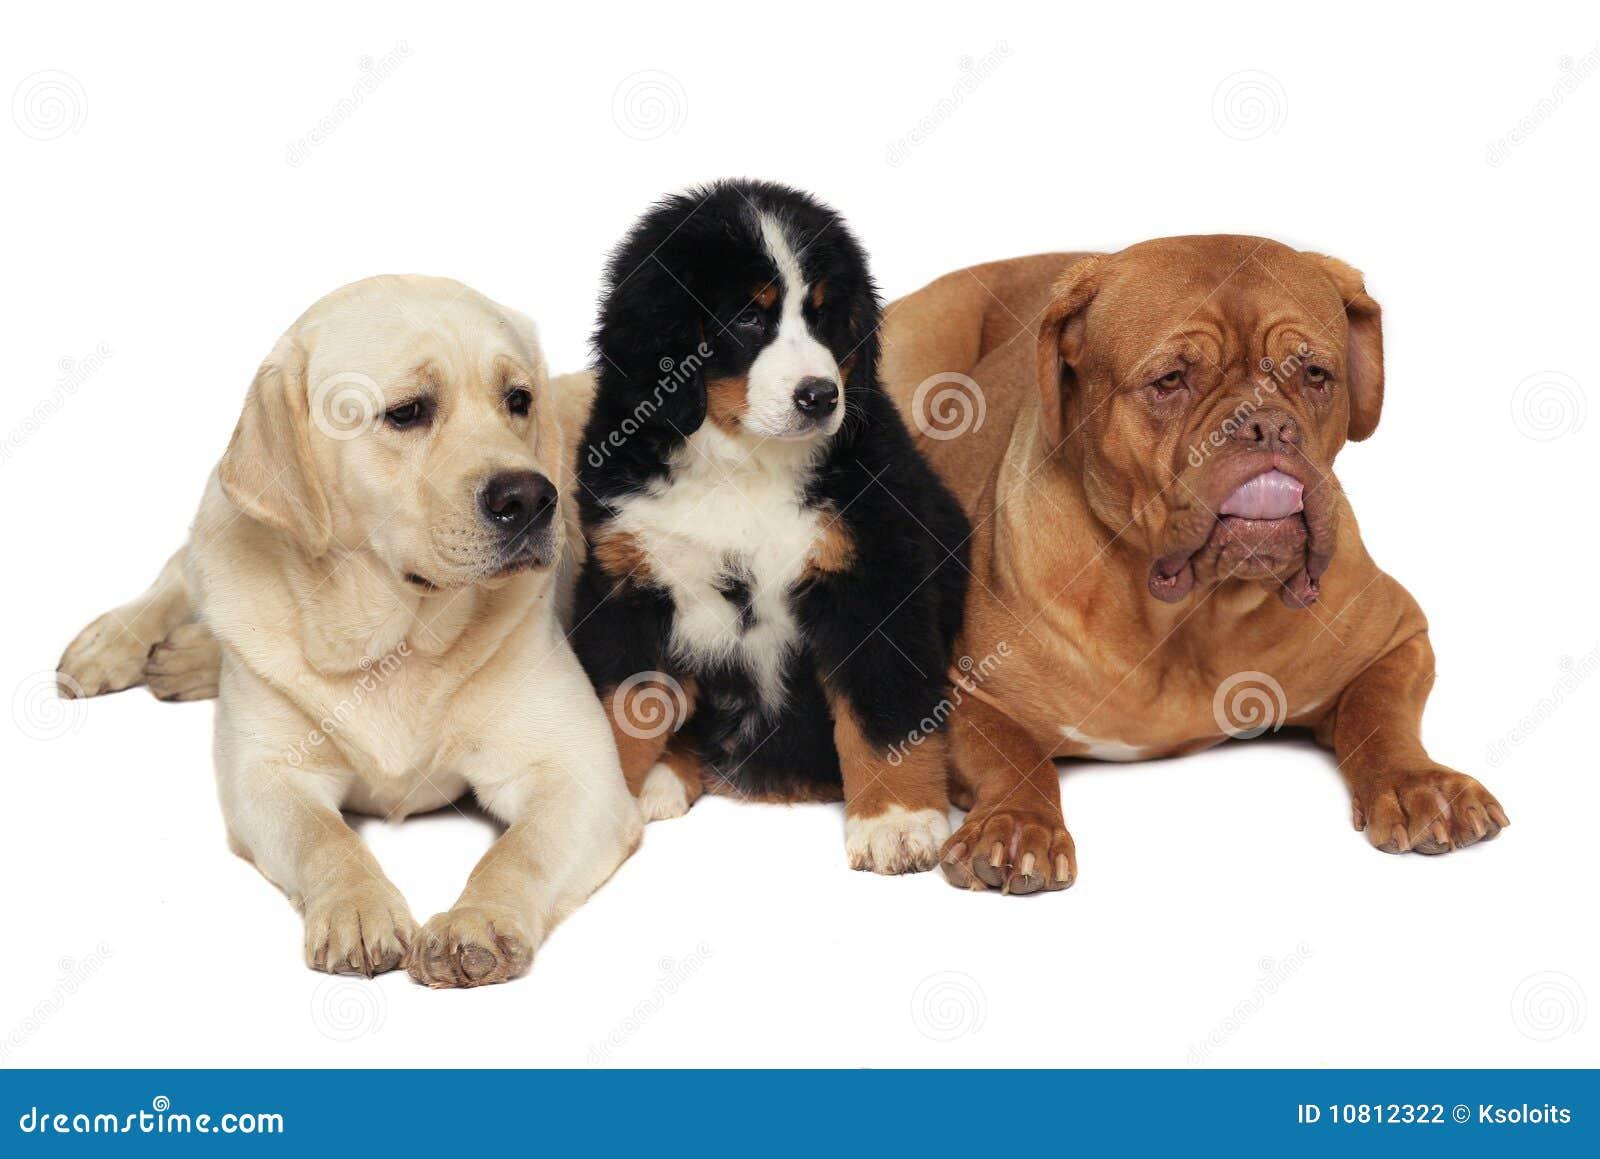 Drei Hunde auf einem weißen Hintergrund.